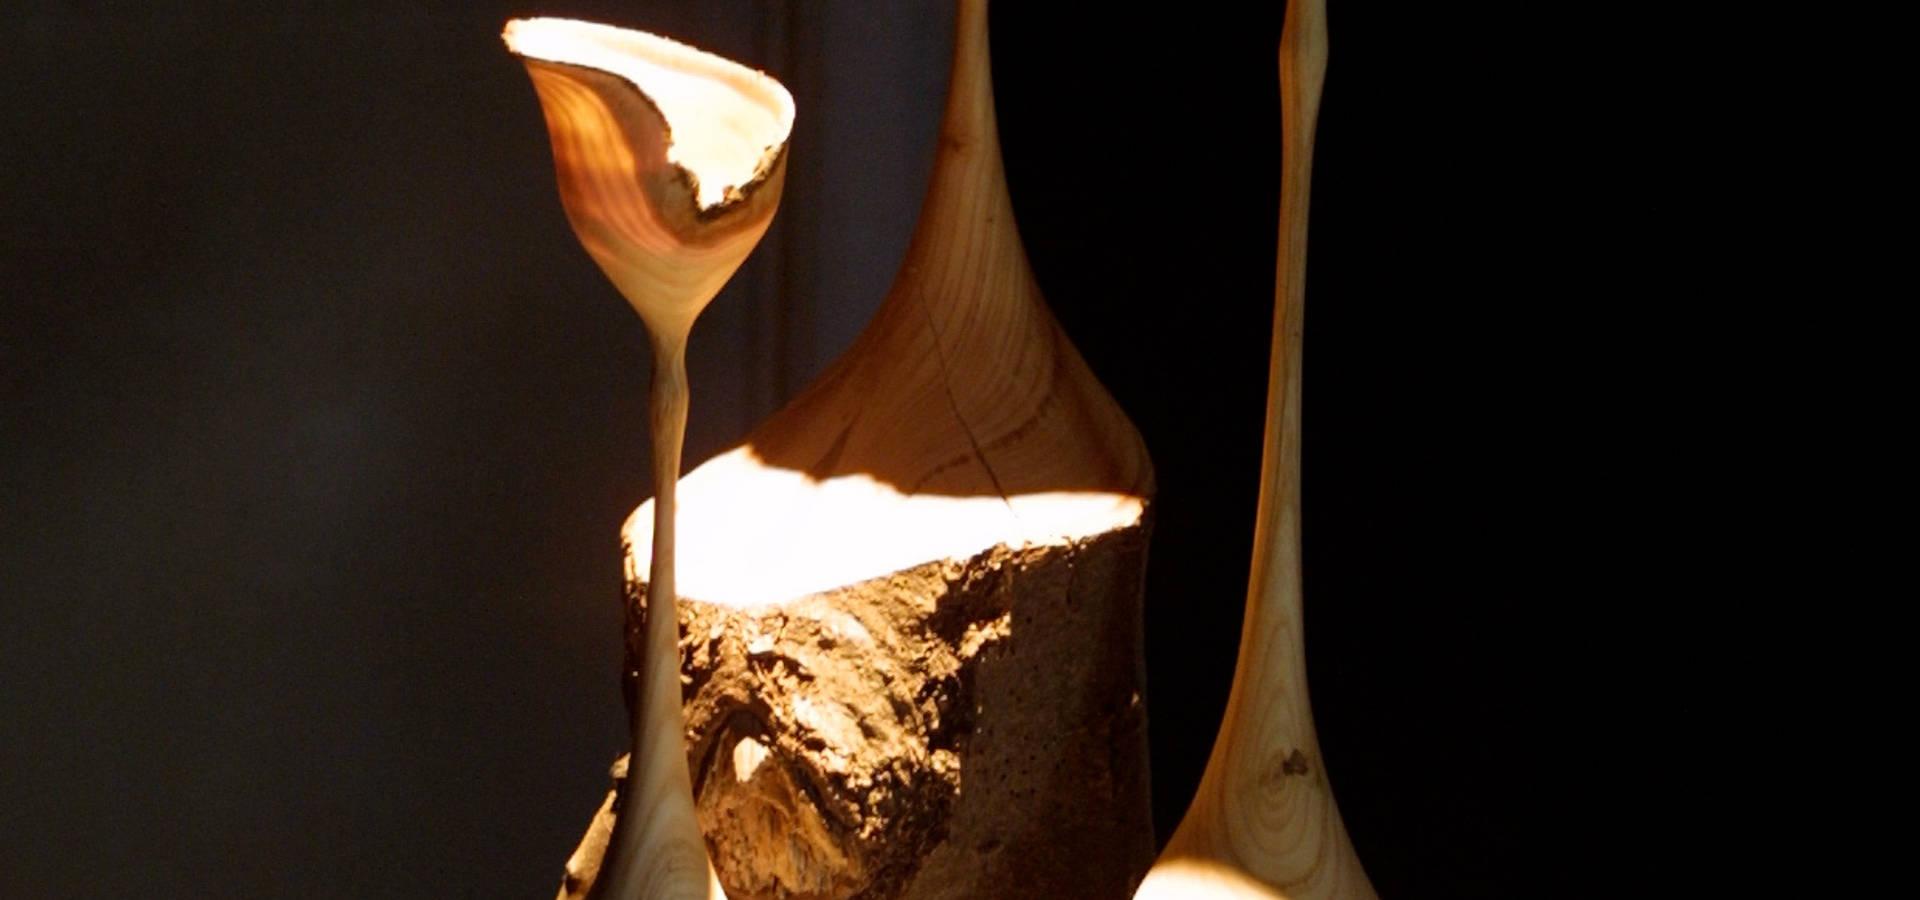 Christian Masche Holz Design Skulptur